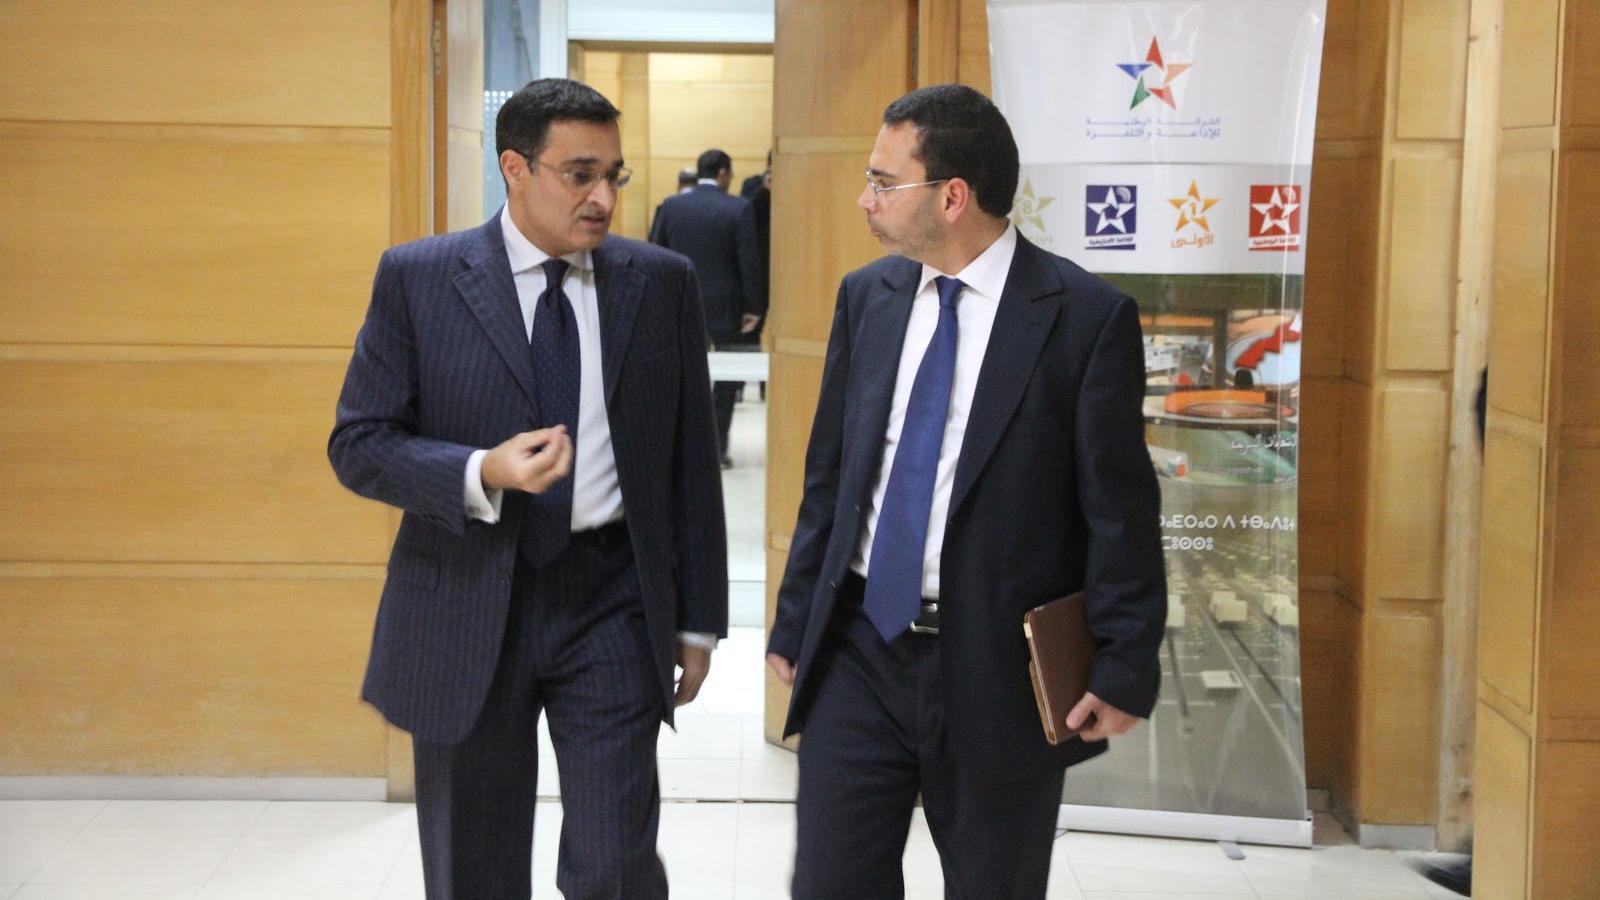 """65 مليون درهم كدعم للقناة الثانية والأعمال الرمضانية """"الرديئة"""" تجر الوزير الأعرج للمساءلة البرلمانية"""